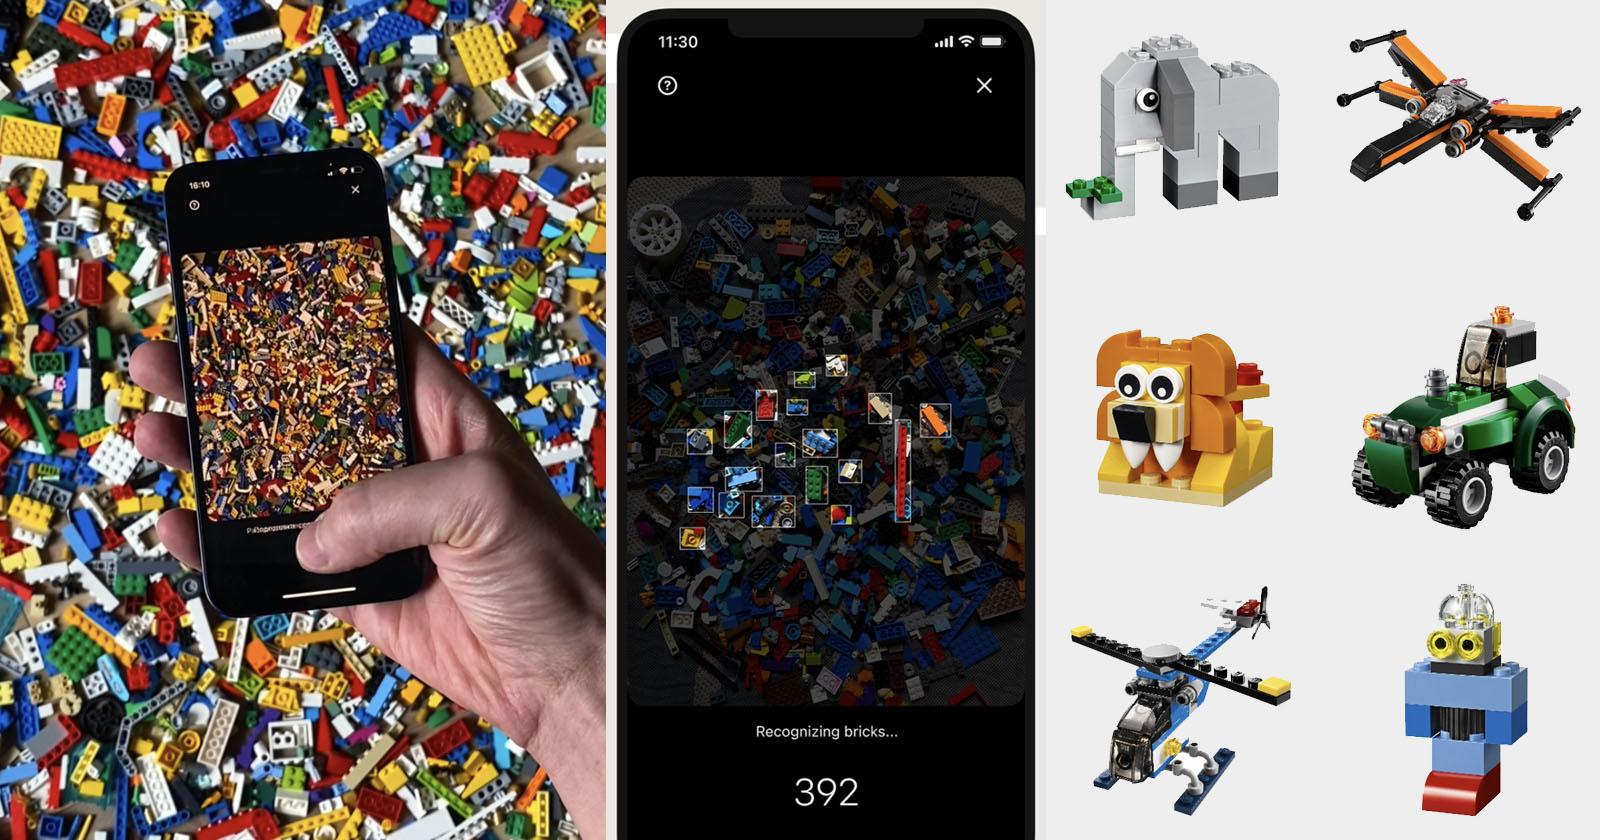 Obrazek przedstawia zrzuty ekranu z aplikacji Brickit.